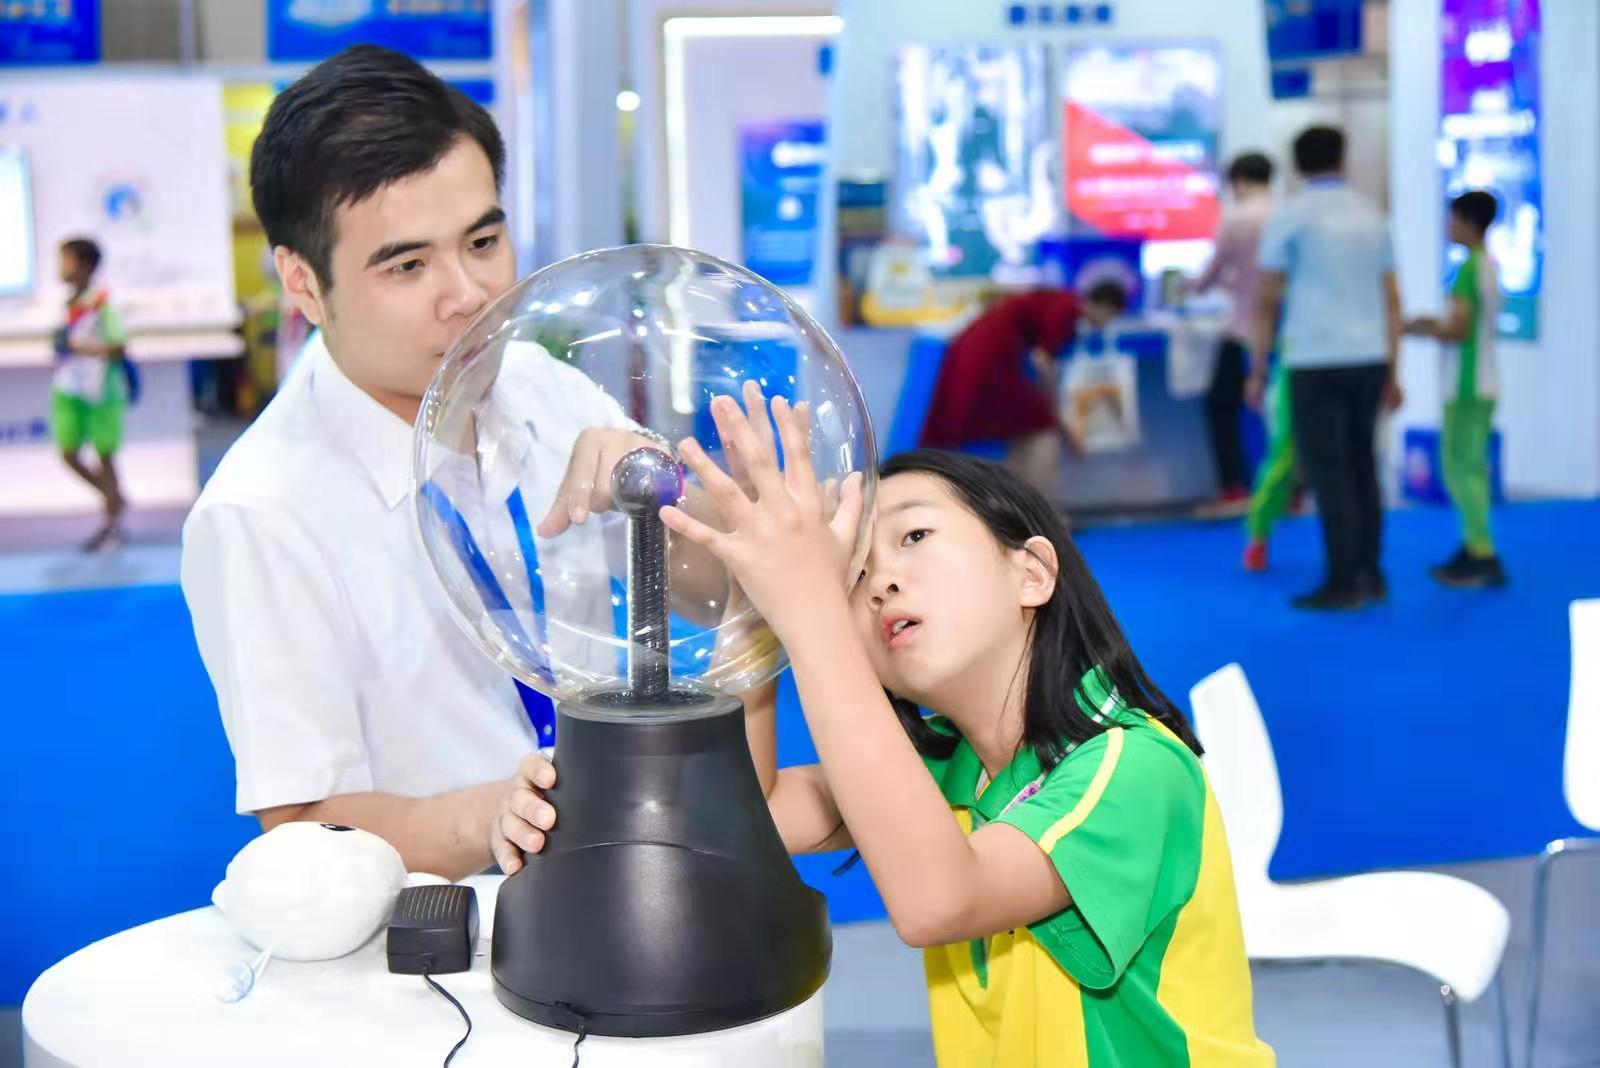 竞价网赚粤港澳大湾区科技协同创新联盟成立